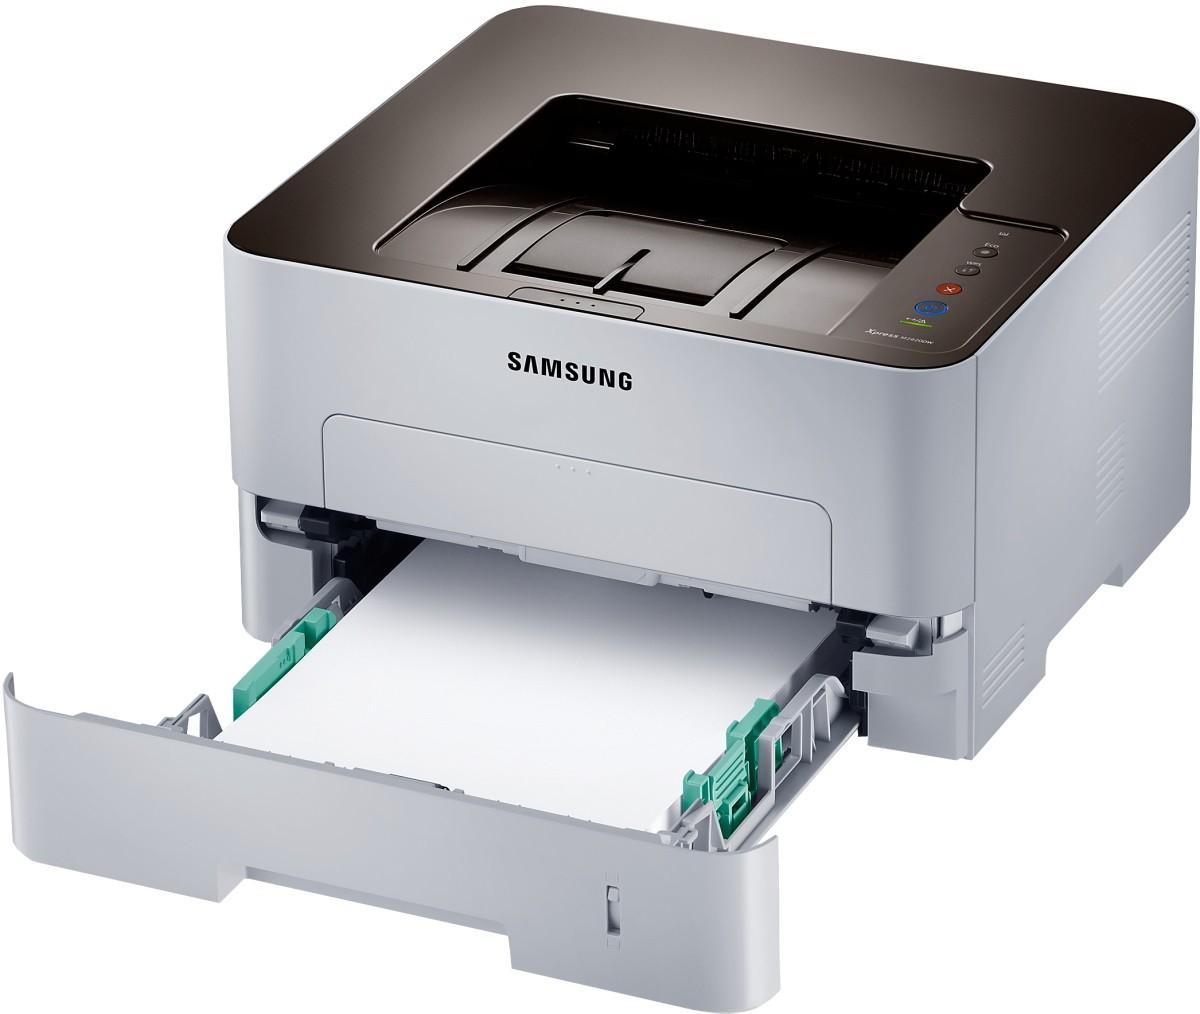 Лазерный принтер для печати картинок